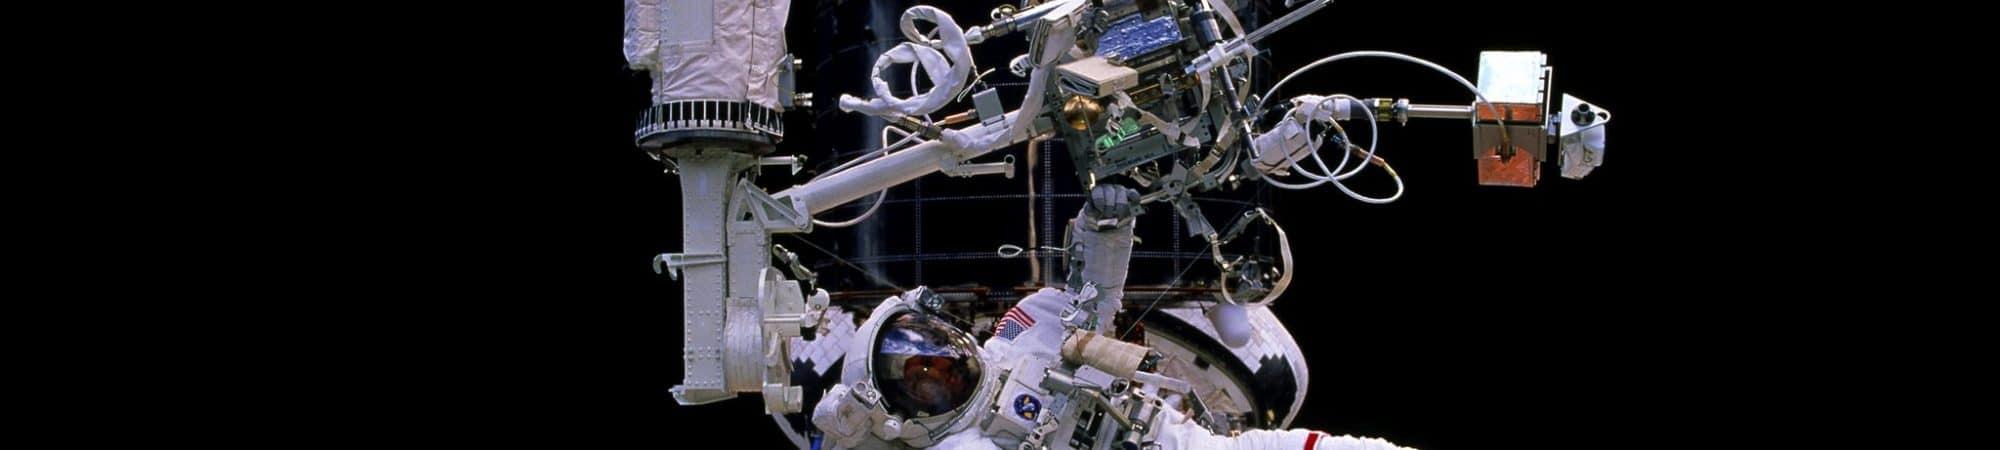 Foto mostra o astronauta Gregory J. Harbaugh em uma caminhada espacial para reparo do telescópio espacial Hubble em 1997